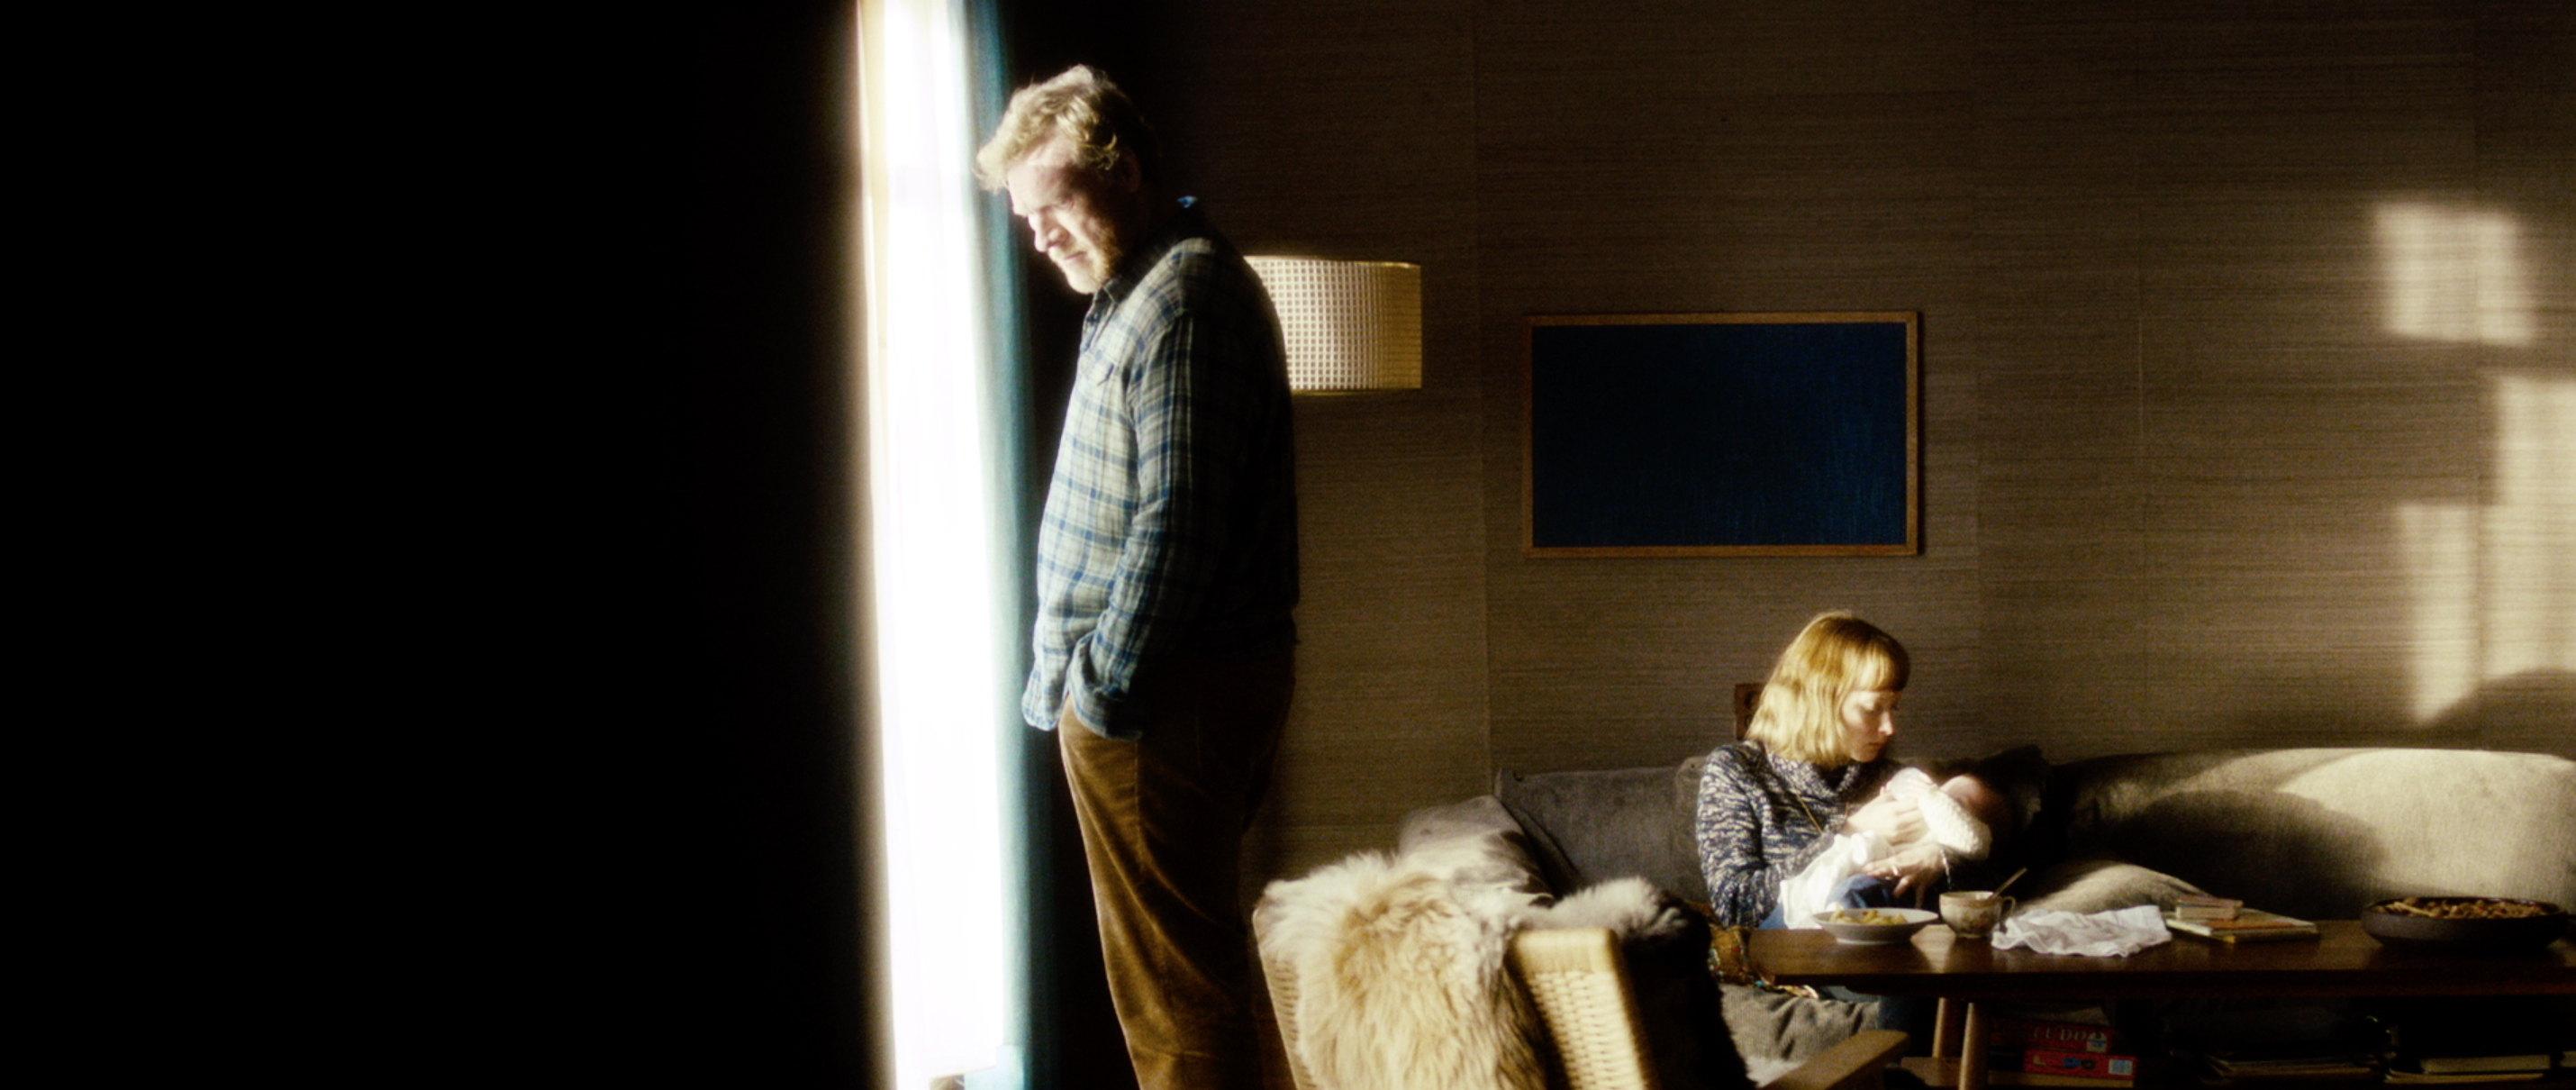 Zwei Leben - Two Lives - Katrines Mann Bjarte mit Tochter Anne - Regie Georg Maas - Regie und Kamera Judith Kaufmann